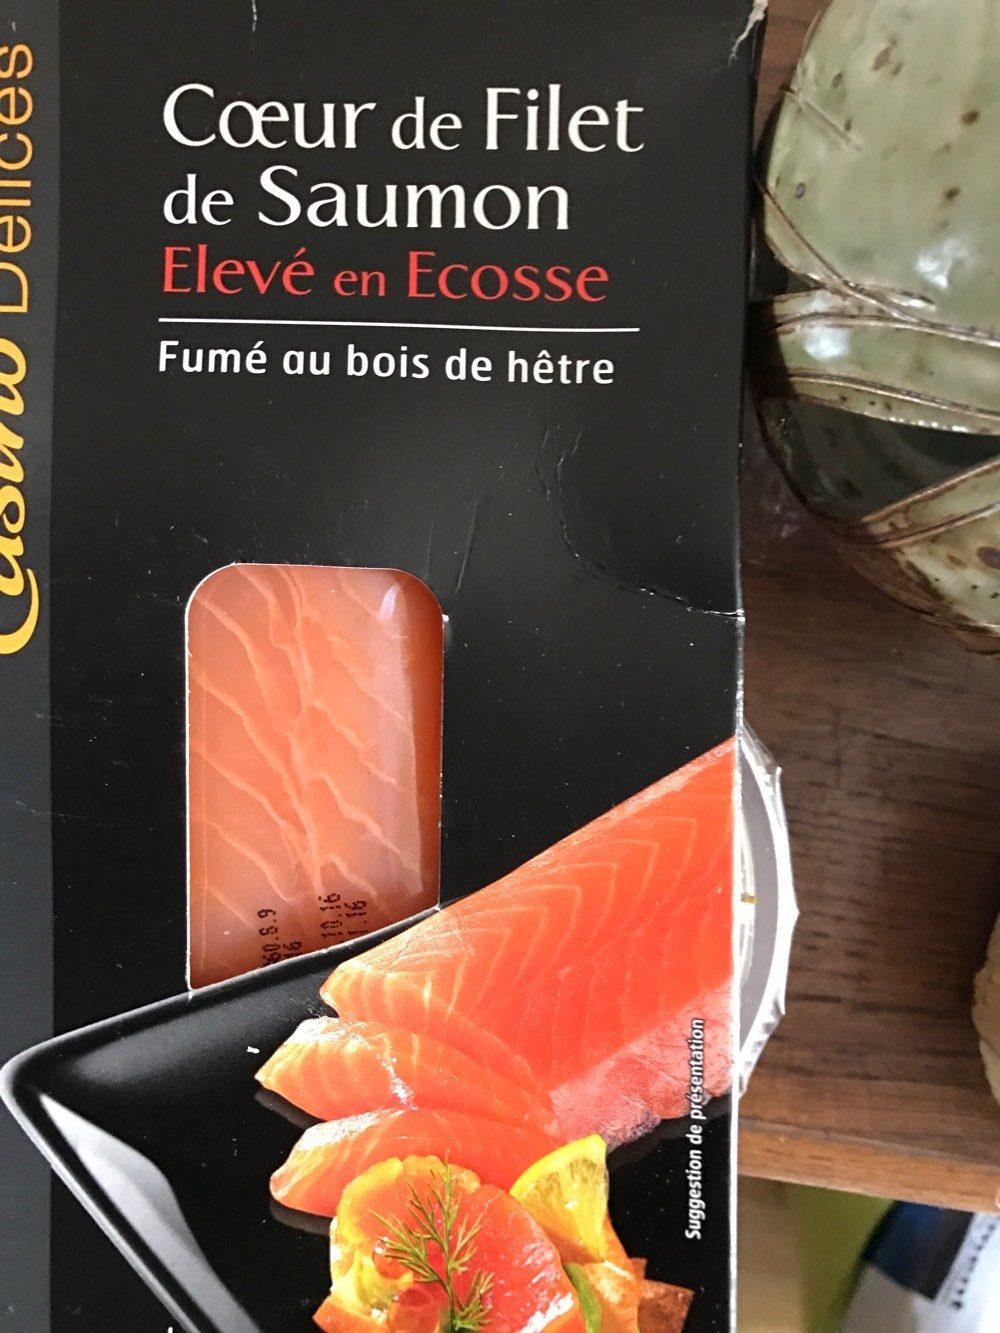 Cœur de filet de saumon fumé élevé en Ecosse - Product